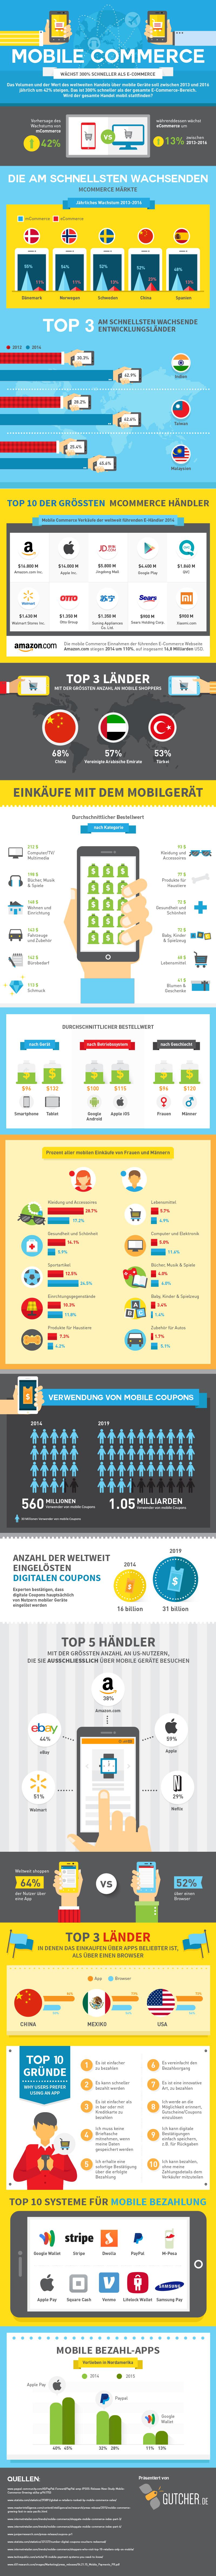 infografik_mcommerce_gutcher